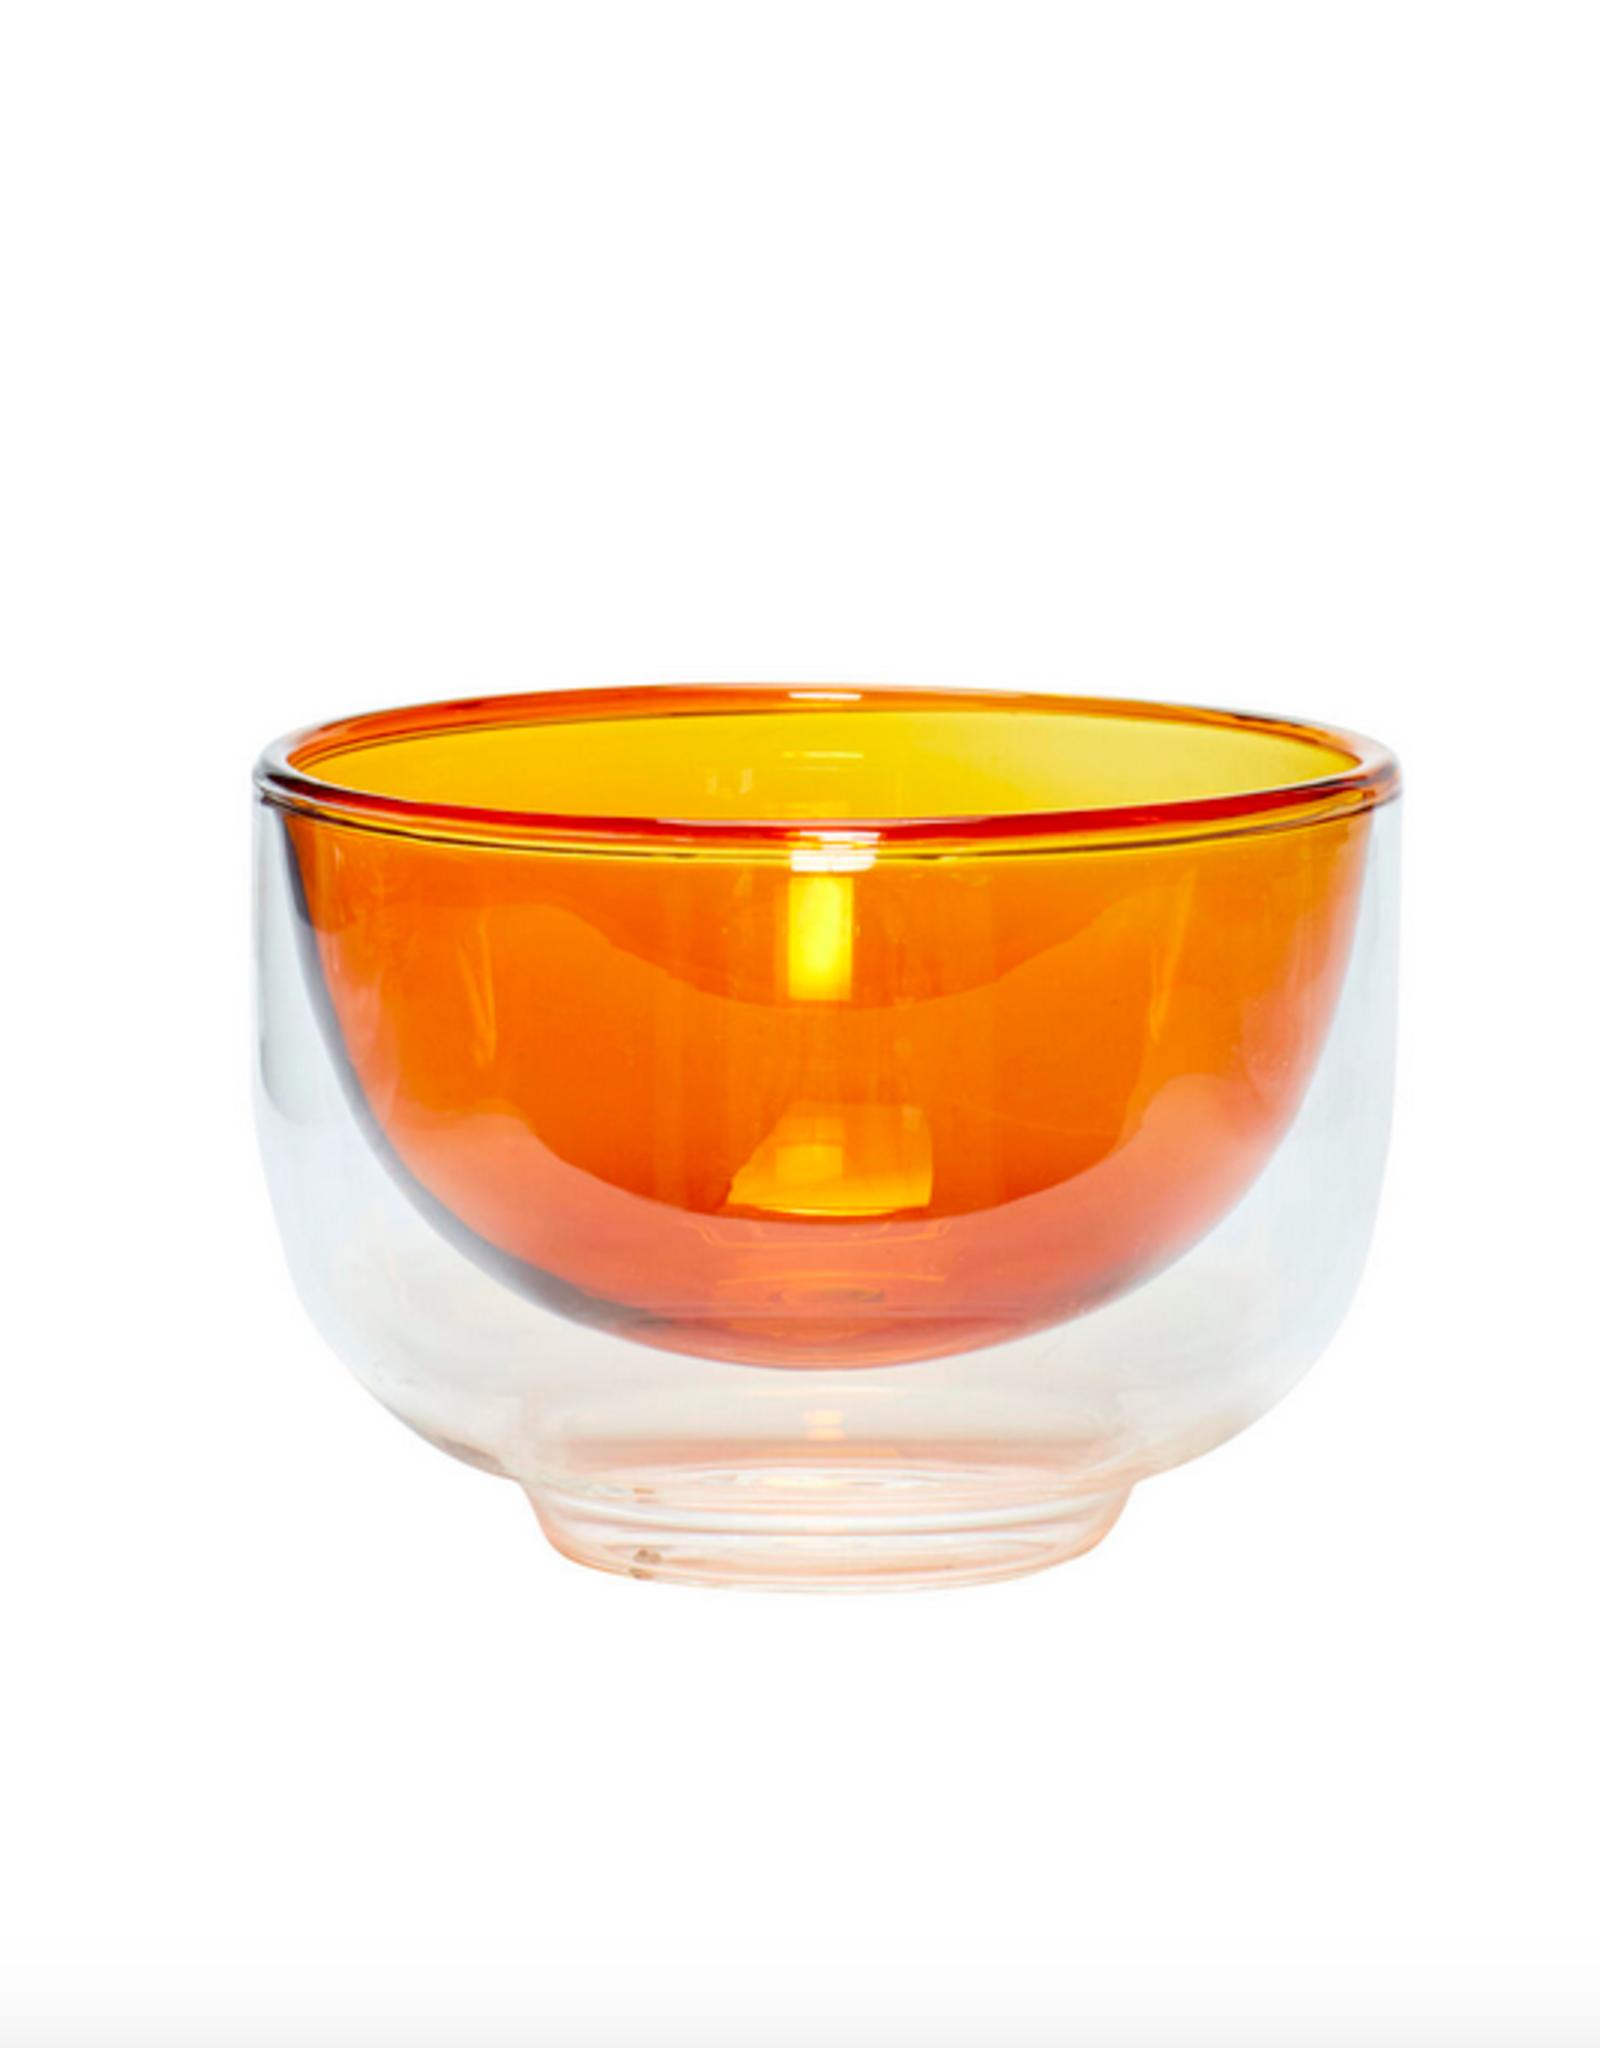 Hübsch Bowl glass amber clear